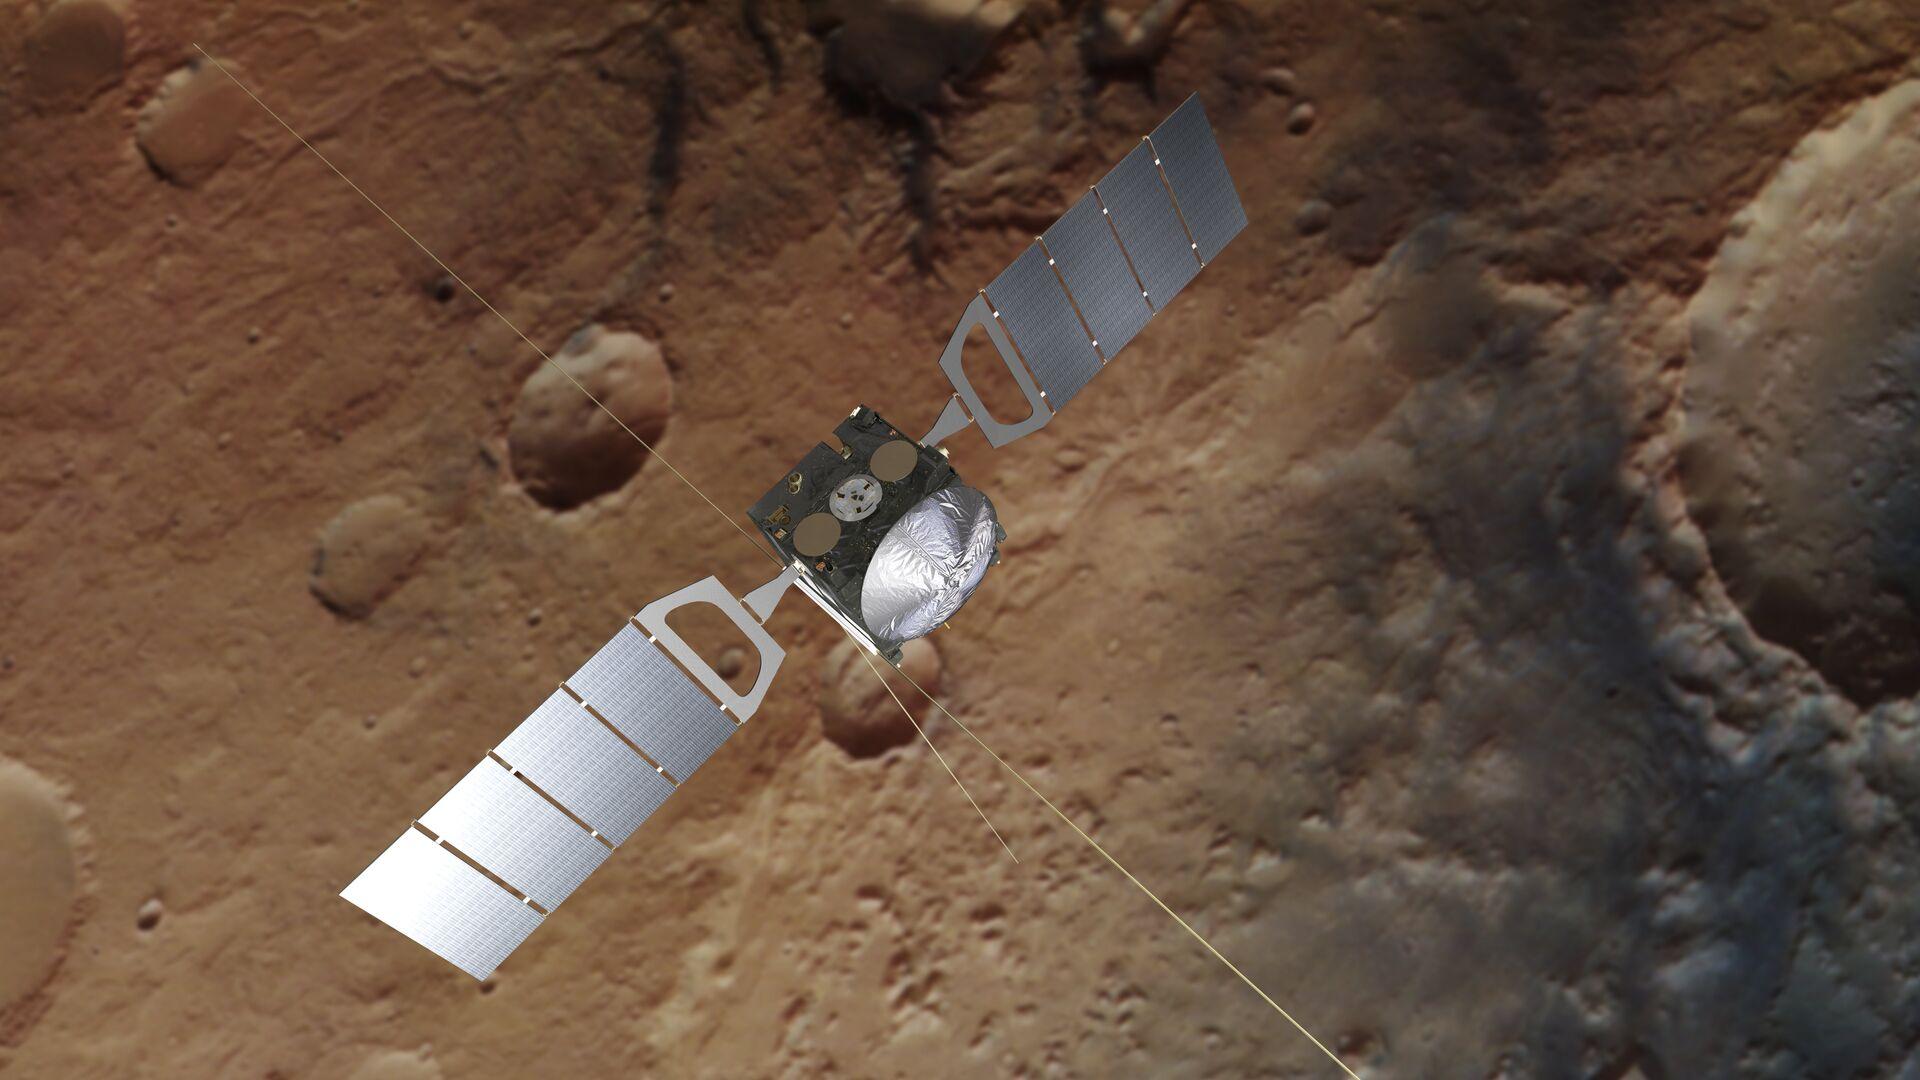 Автоматическая межпланетная станция Марс-экспресс - РИА Новости, 1920, 30.09.2020